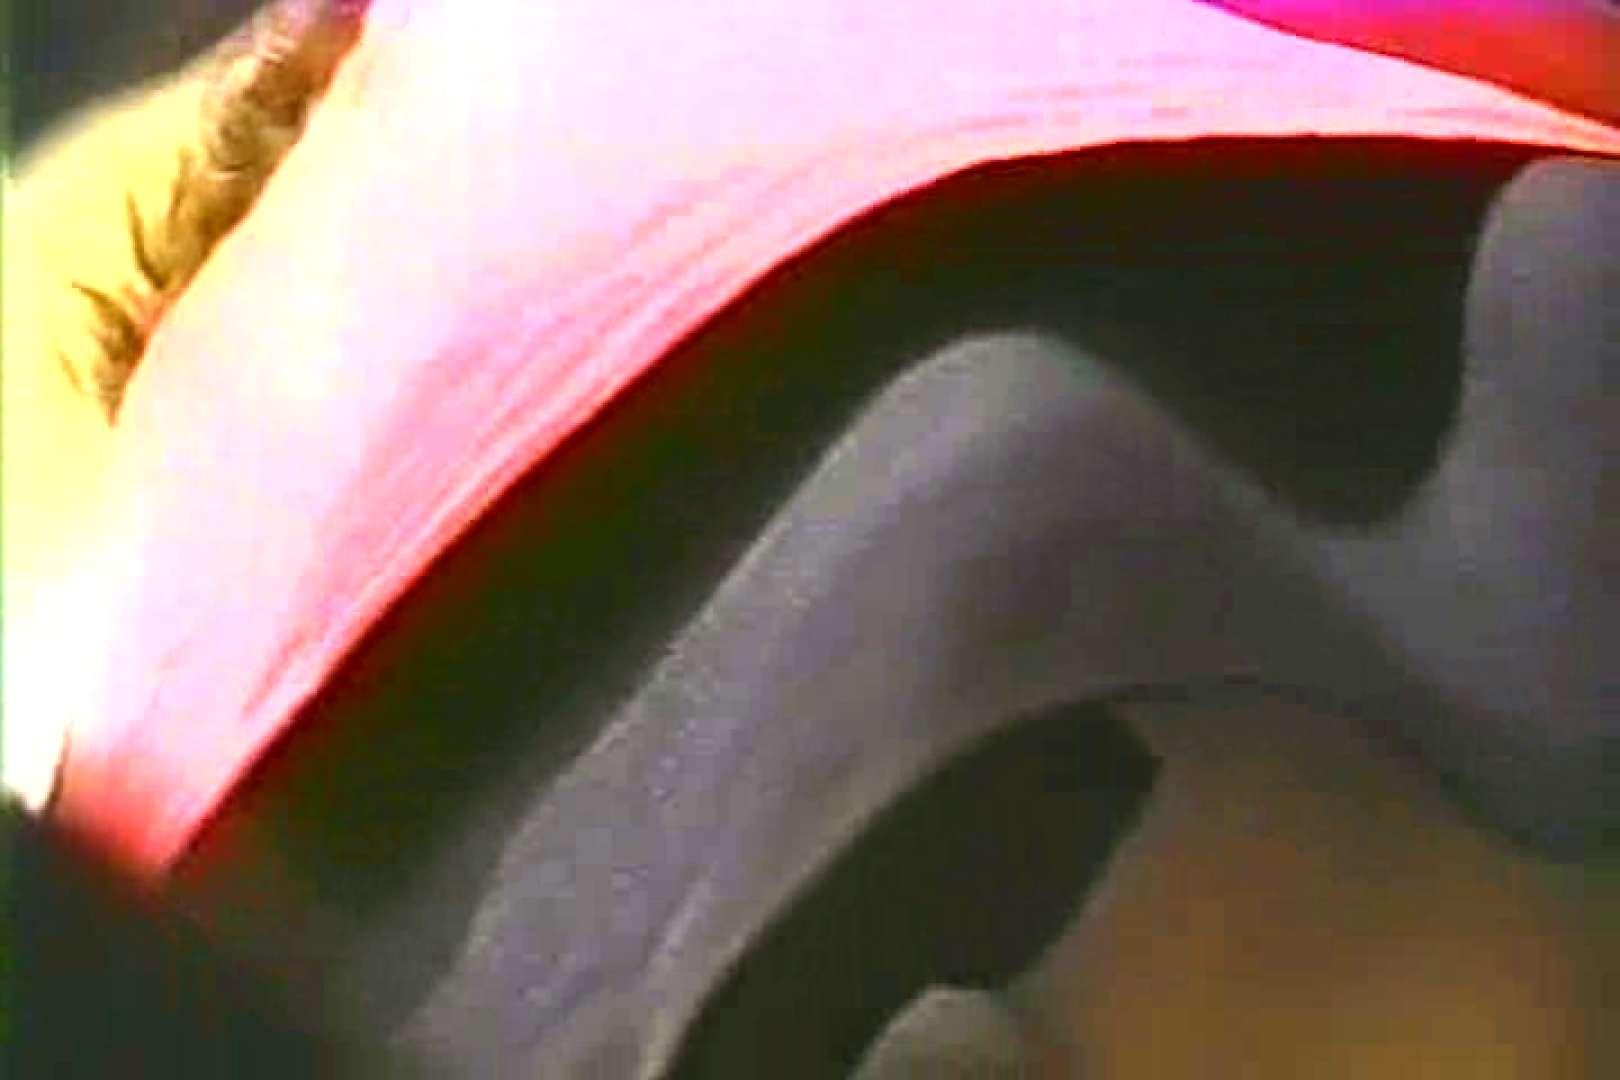 「ちくりん」さんのオリジナル未編集パンチラVol.9_02 パンチラ 覗きオメコ動画キャプチャ 65連発 27